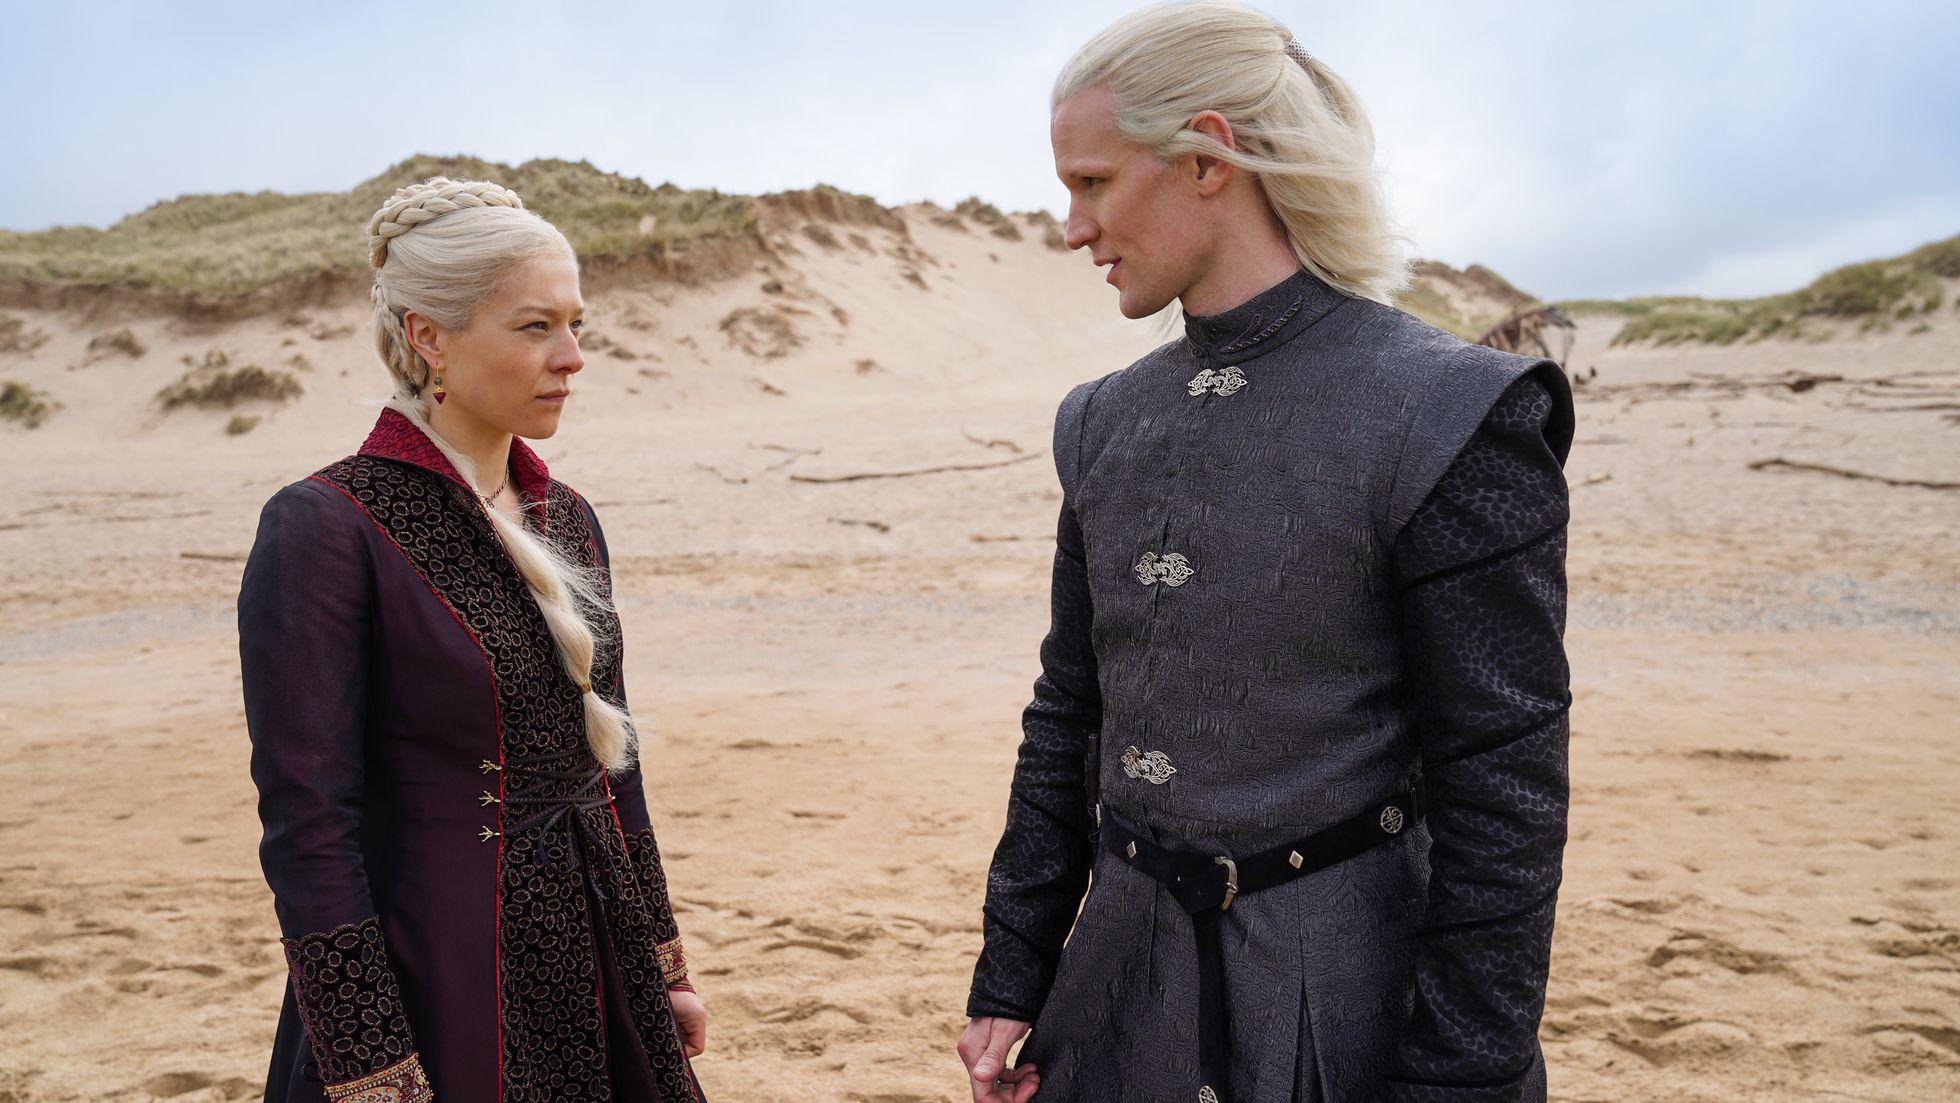 Todo lo que tienes que saber de HBO Max: ¿Cuánto cuesta? ¿Cuándo llega? ¿Qué ofrece?